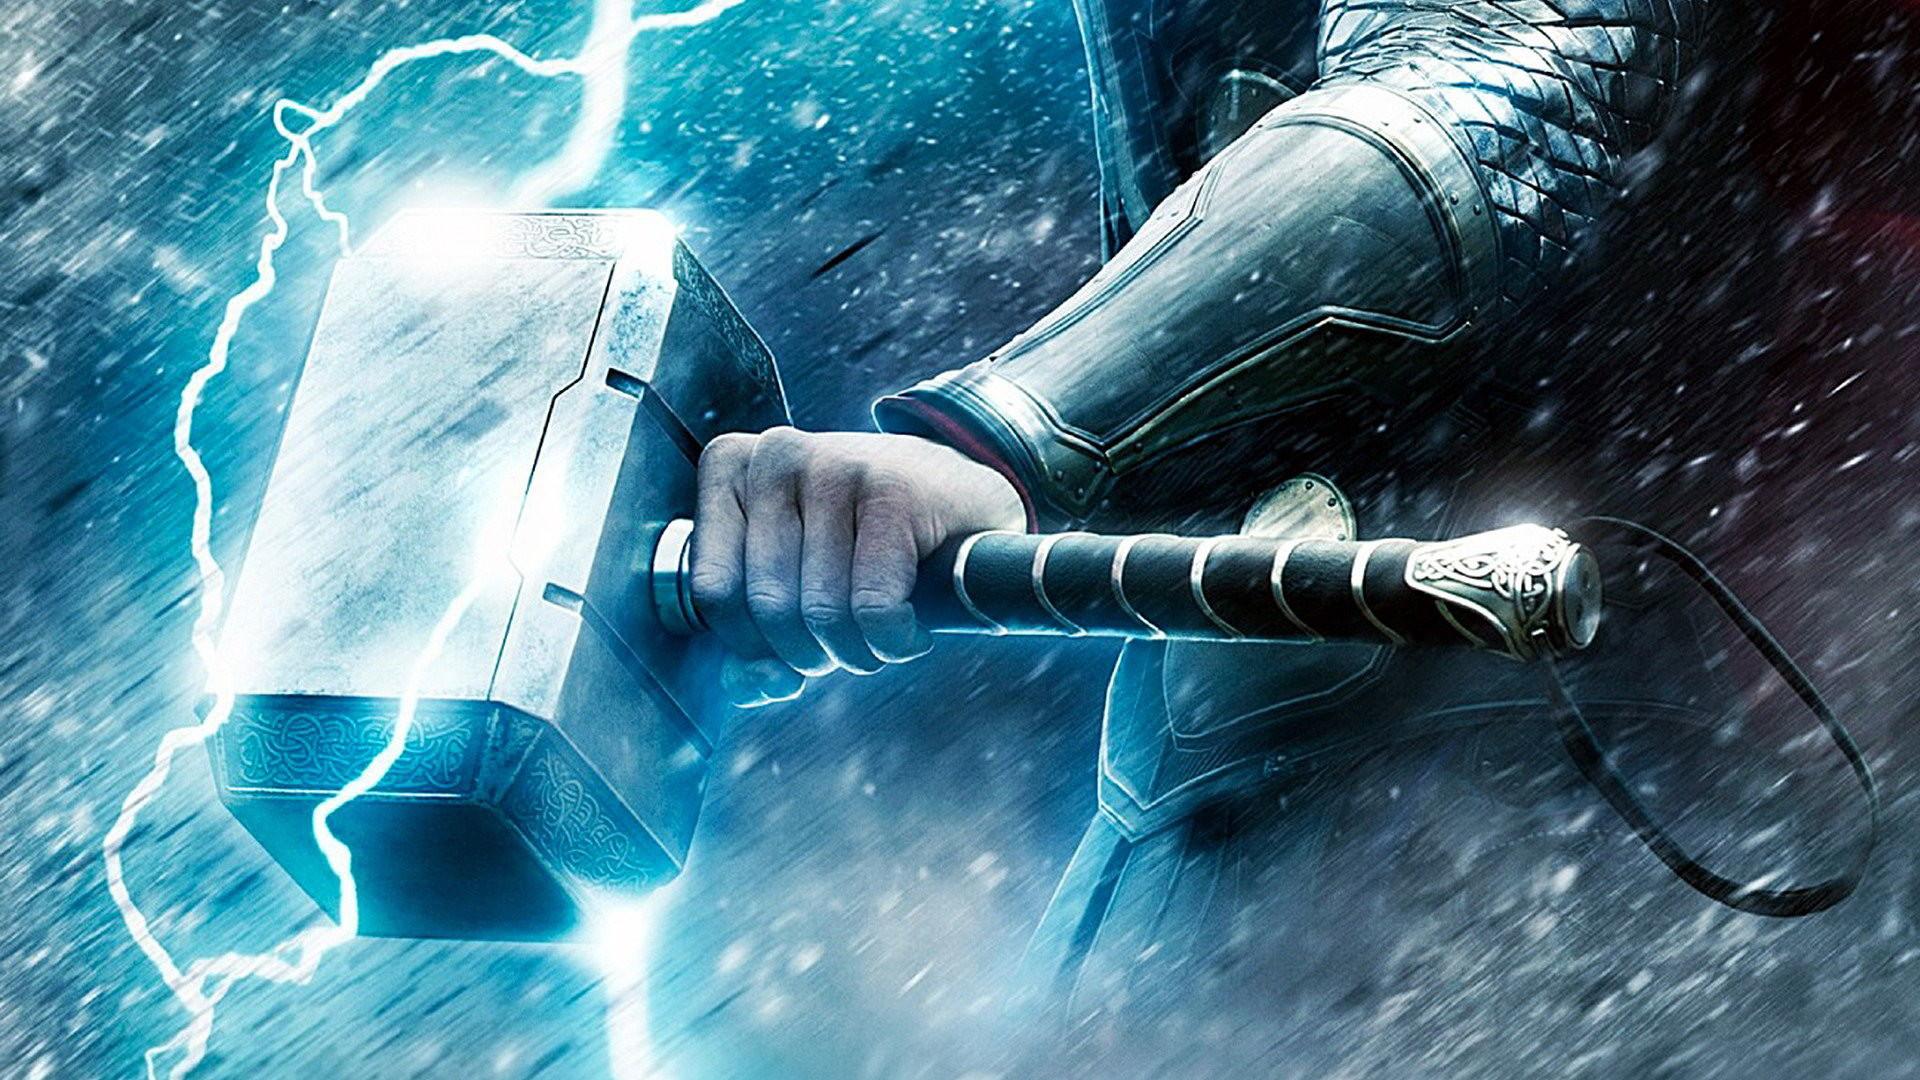 Thor Hammer Mjolnir Marvel Splatter HD wallpaper   Thor´s Hammer    Pinterest   Thors hammer, Thor and Hd wallpaper